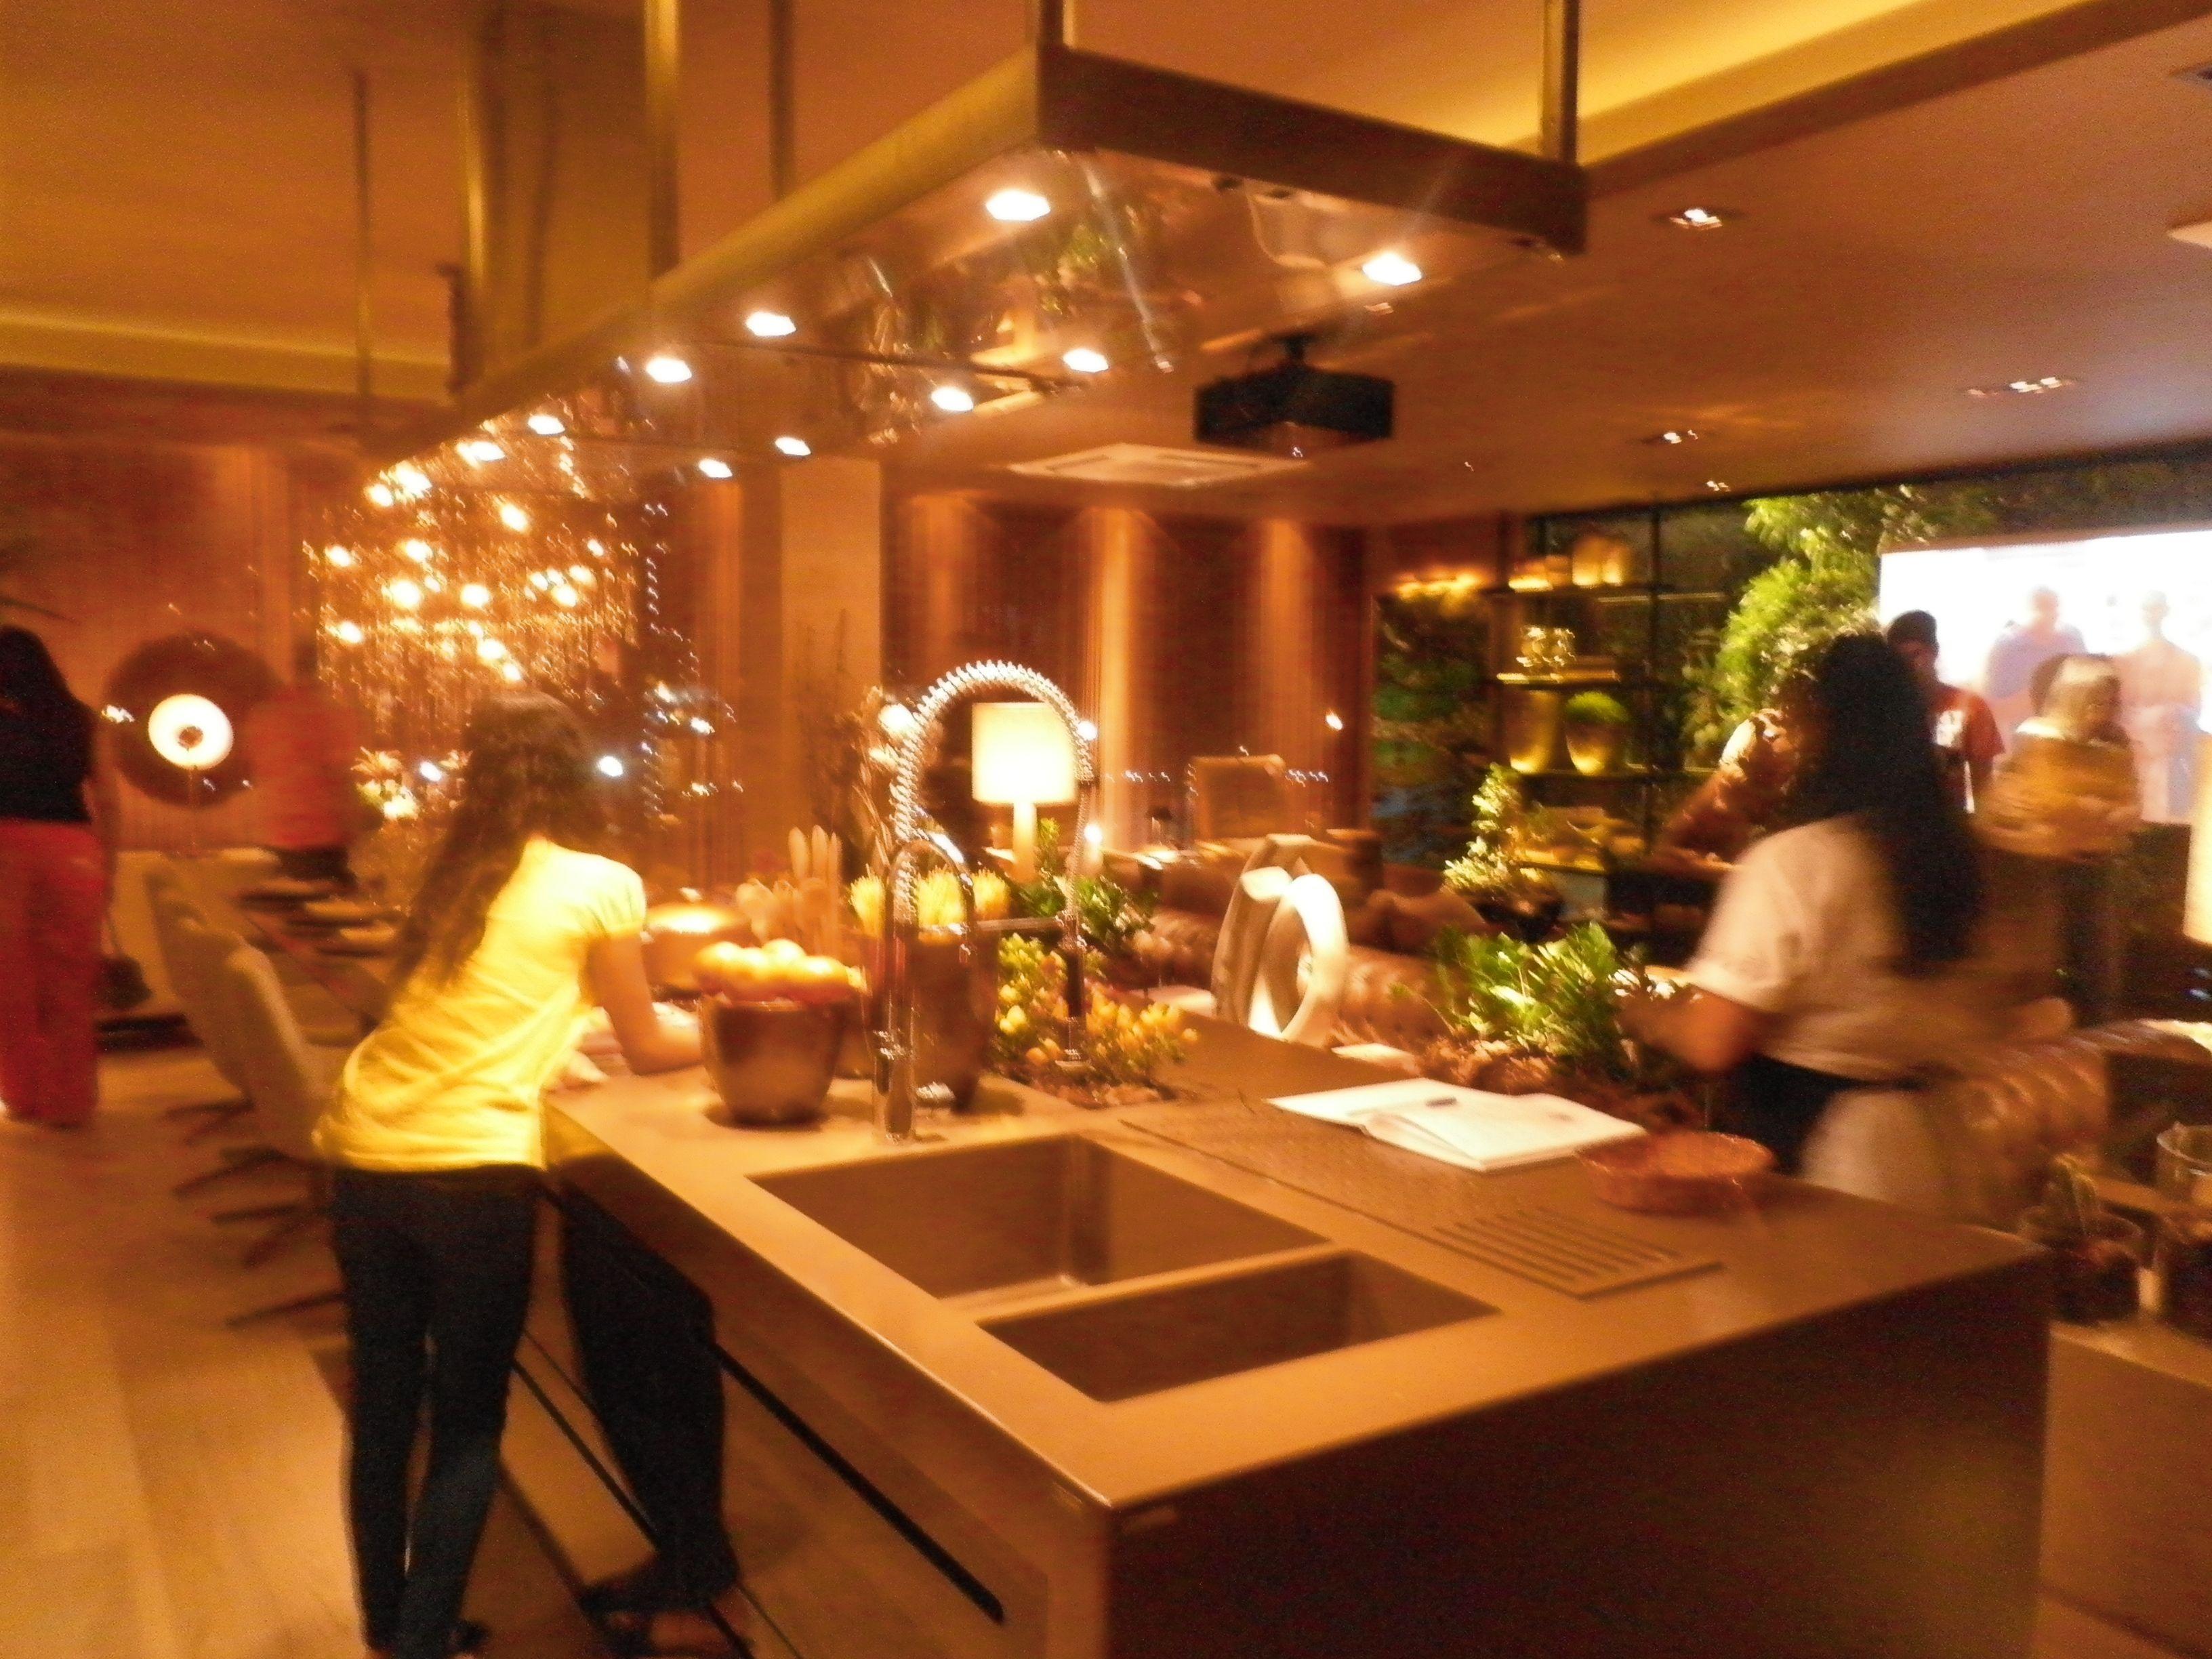 Lounge Gourmet Arquiteto Fl Vio Moura Detalhe Da Cozinha Em Ilha A